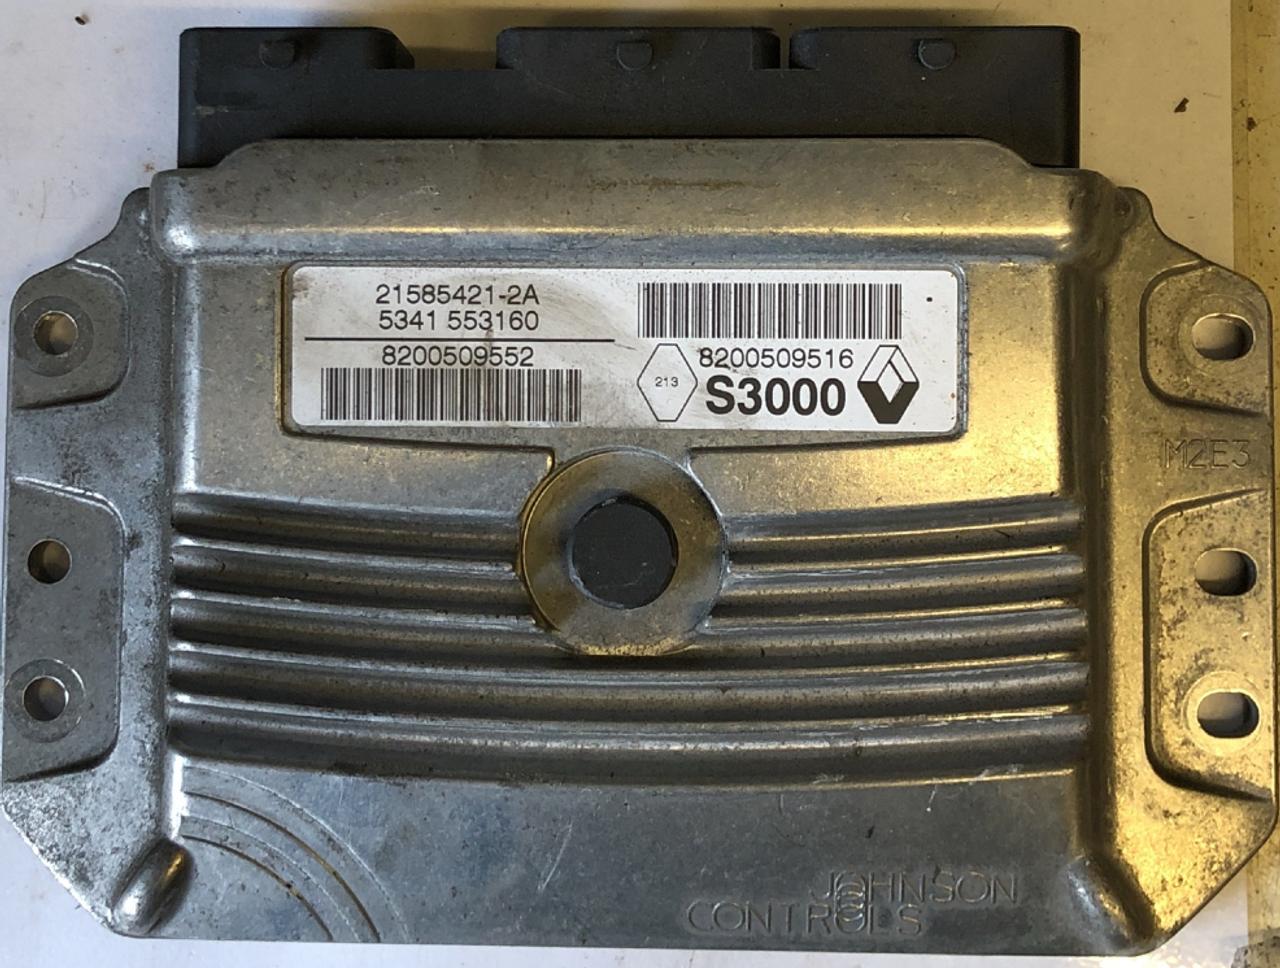 Image result for renault engine number